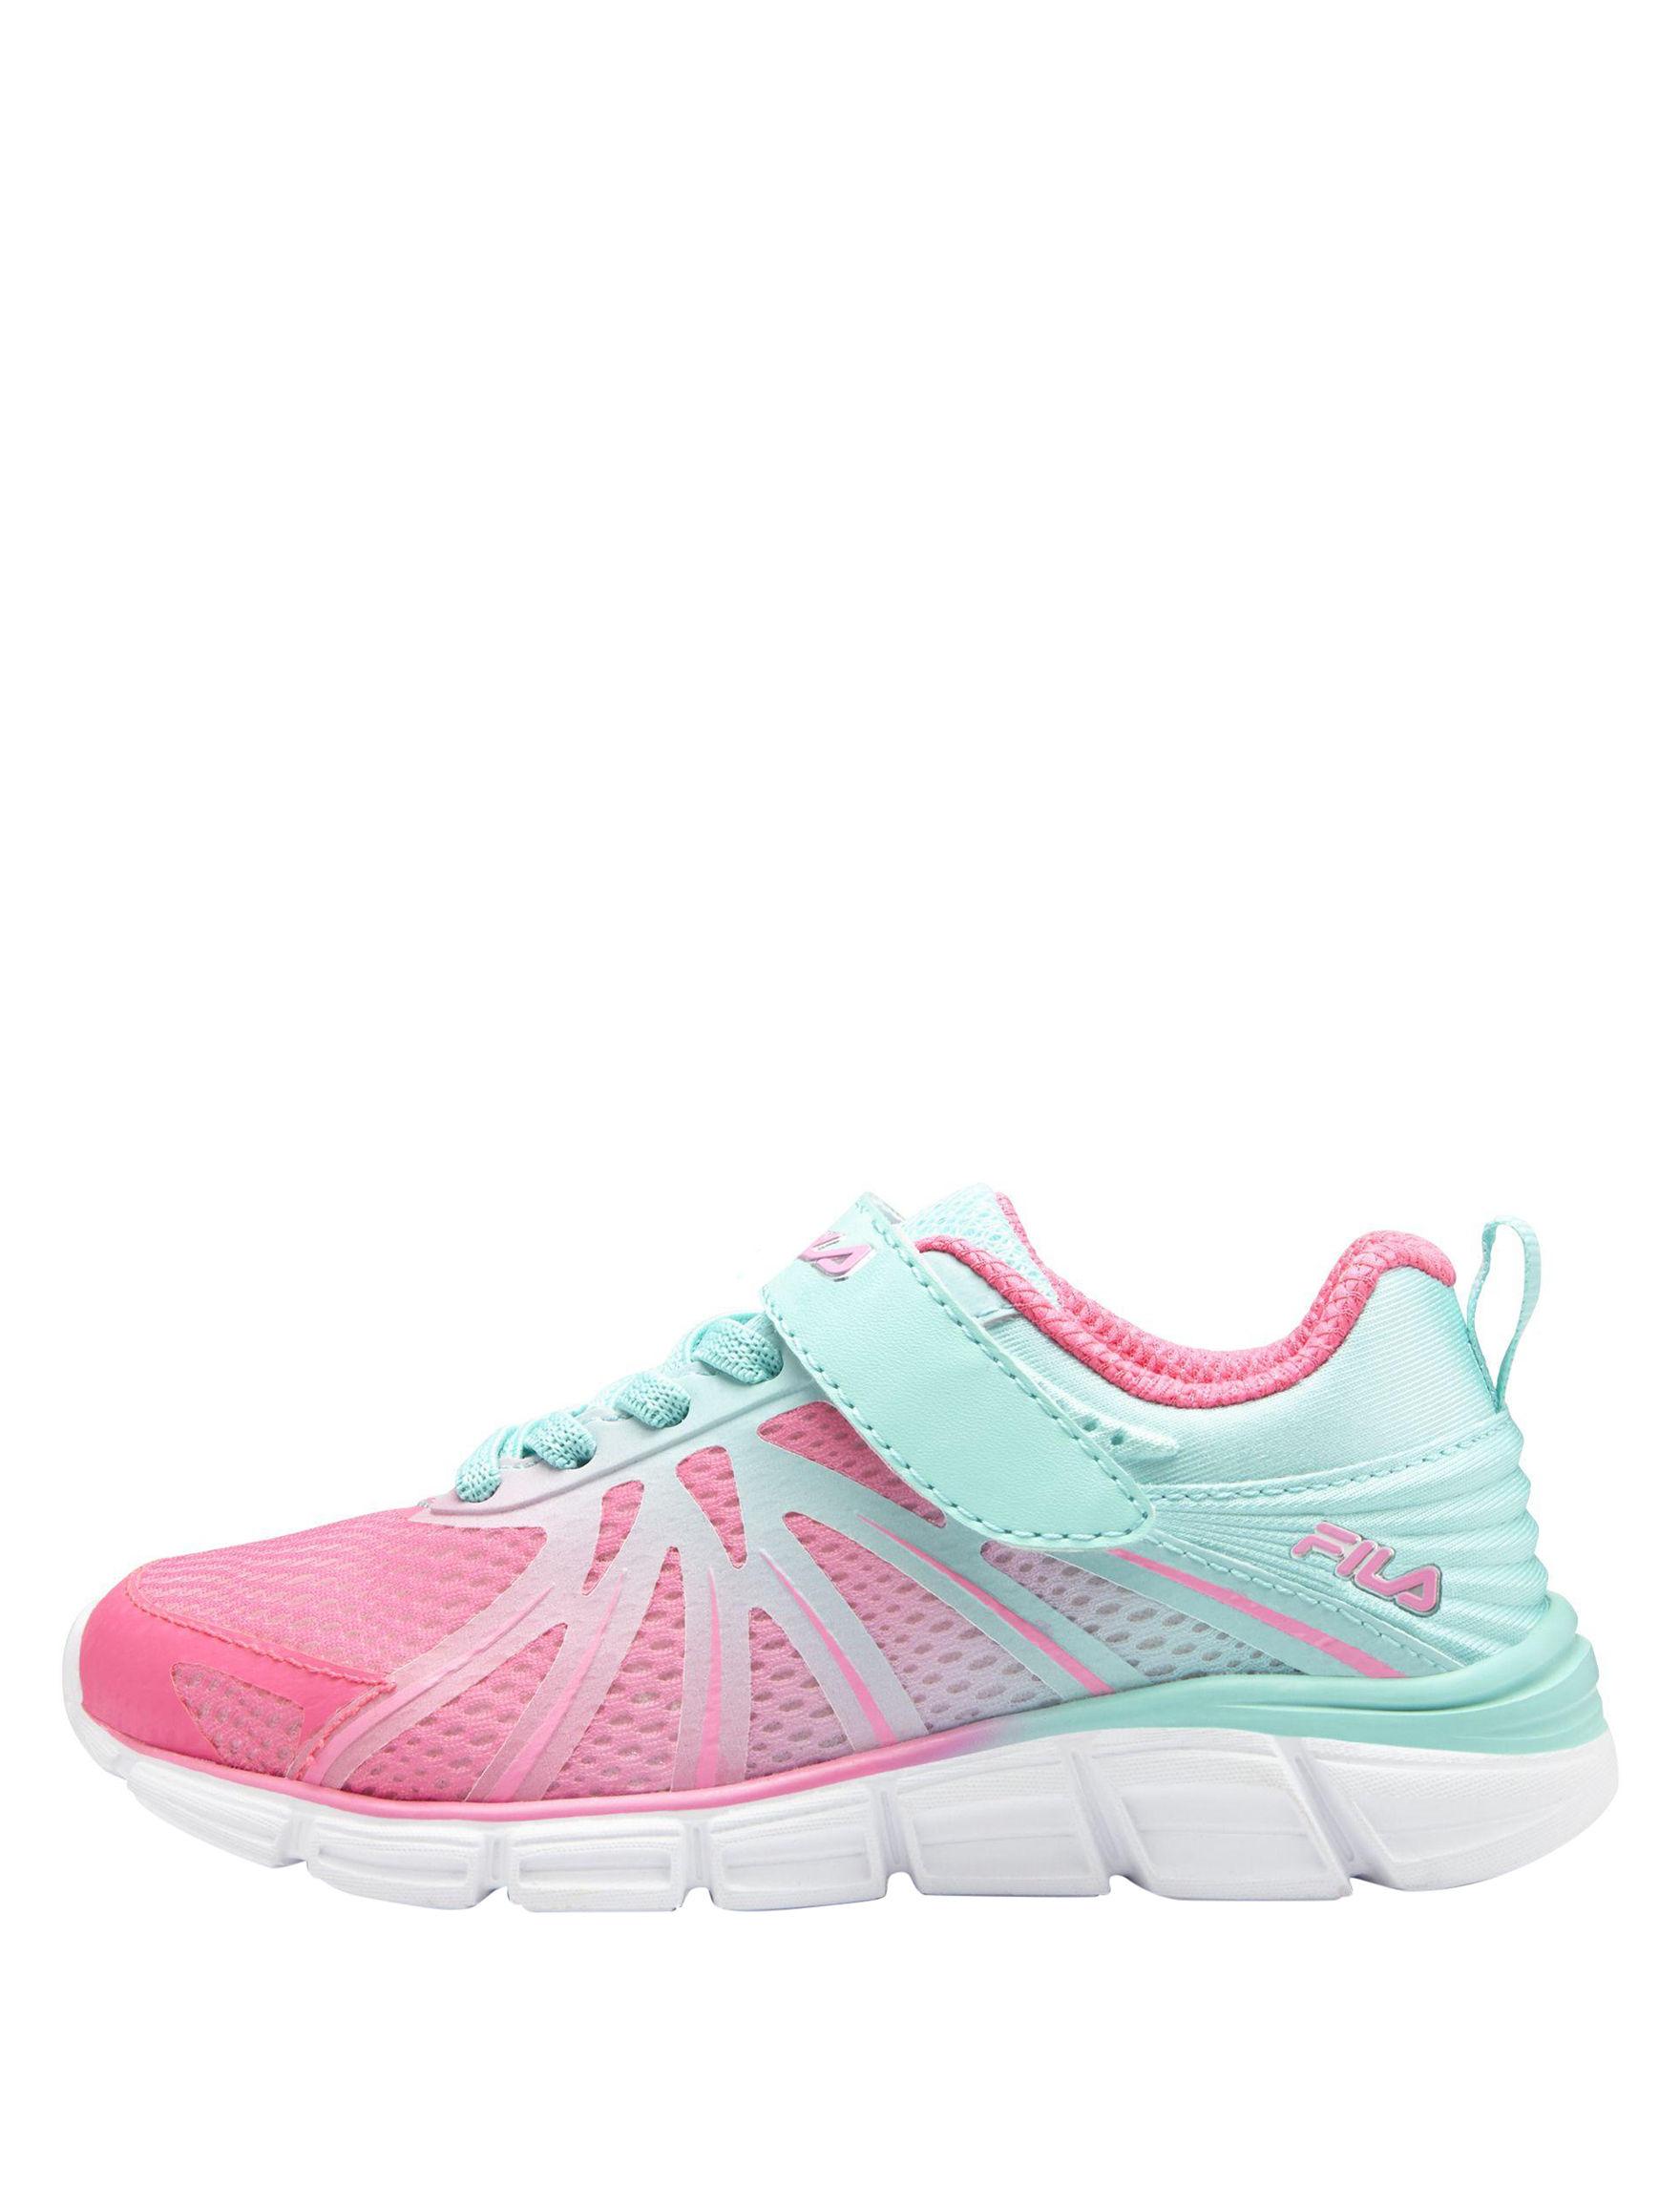 Fila Pink / Aqua